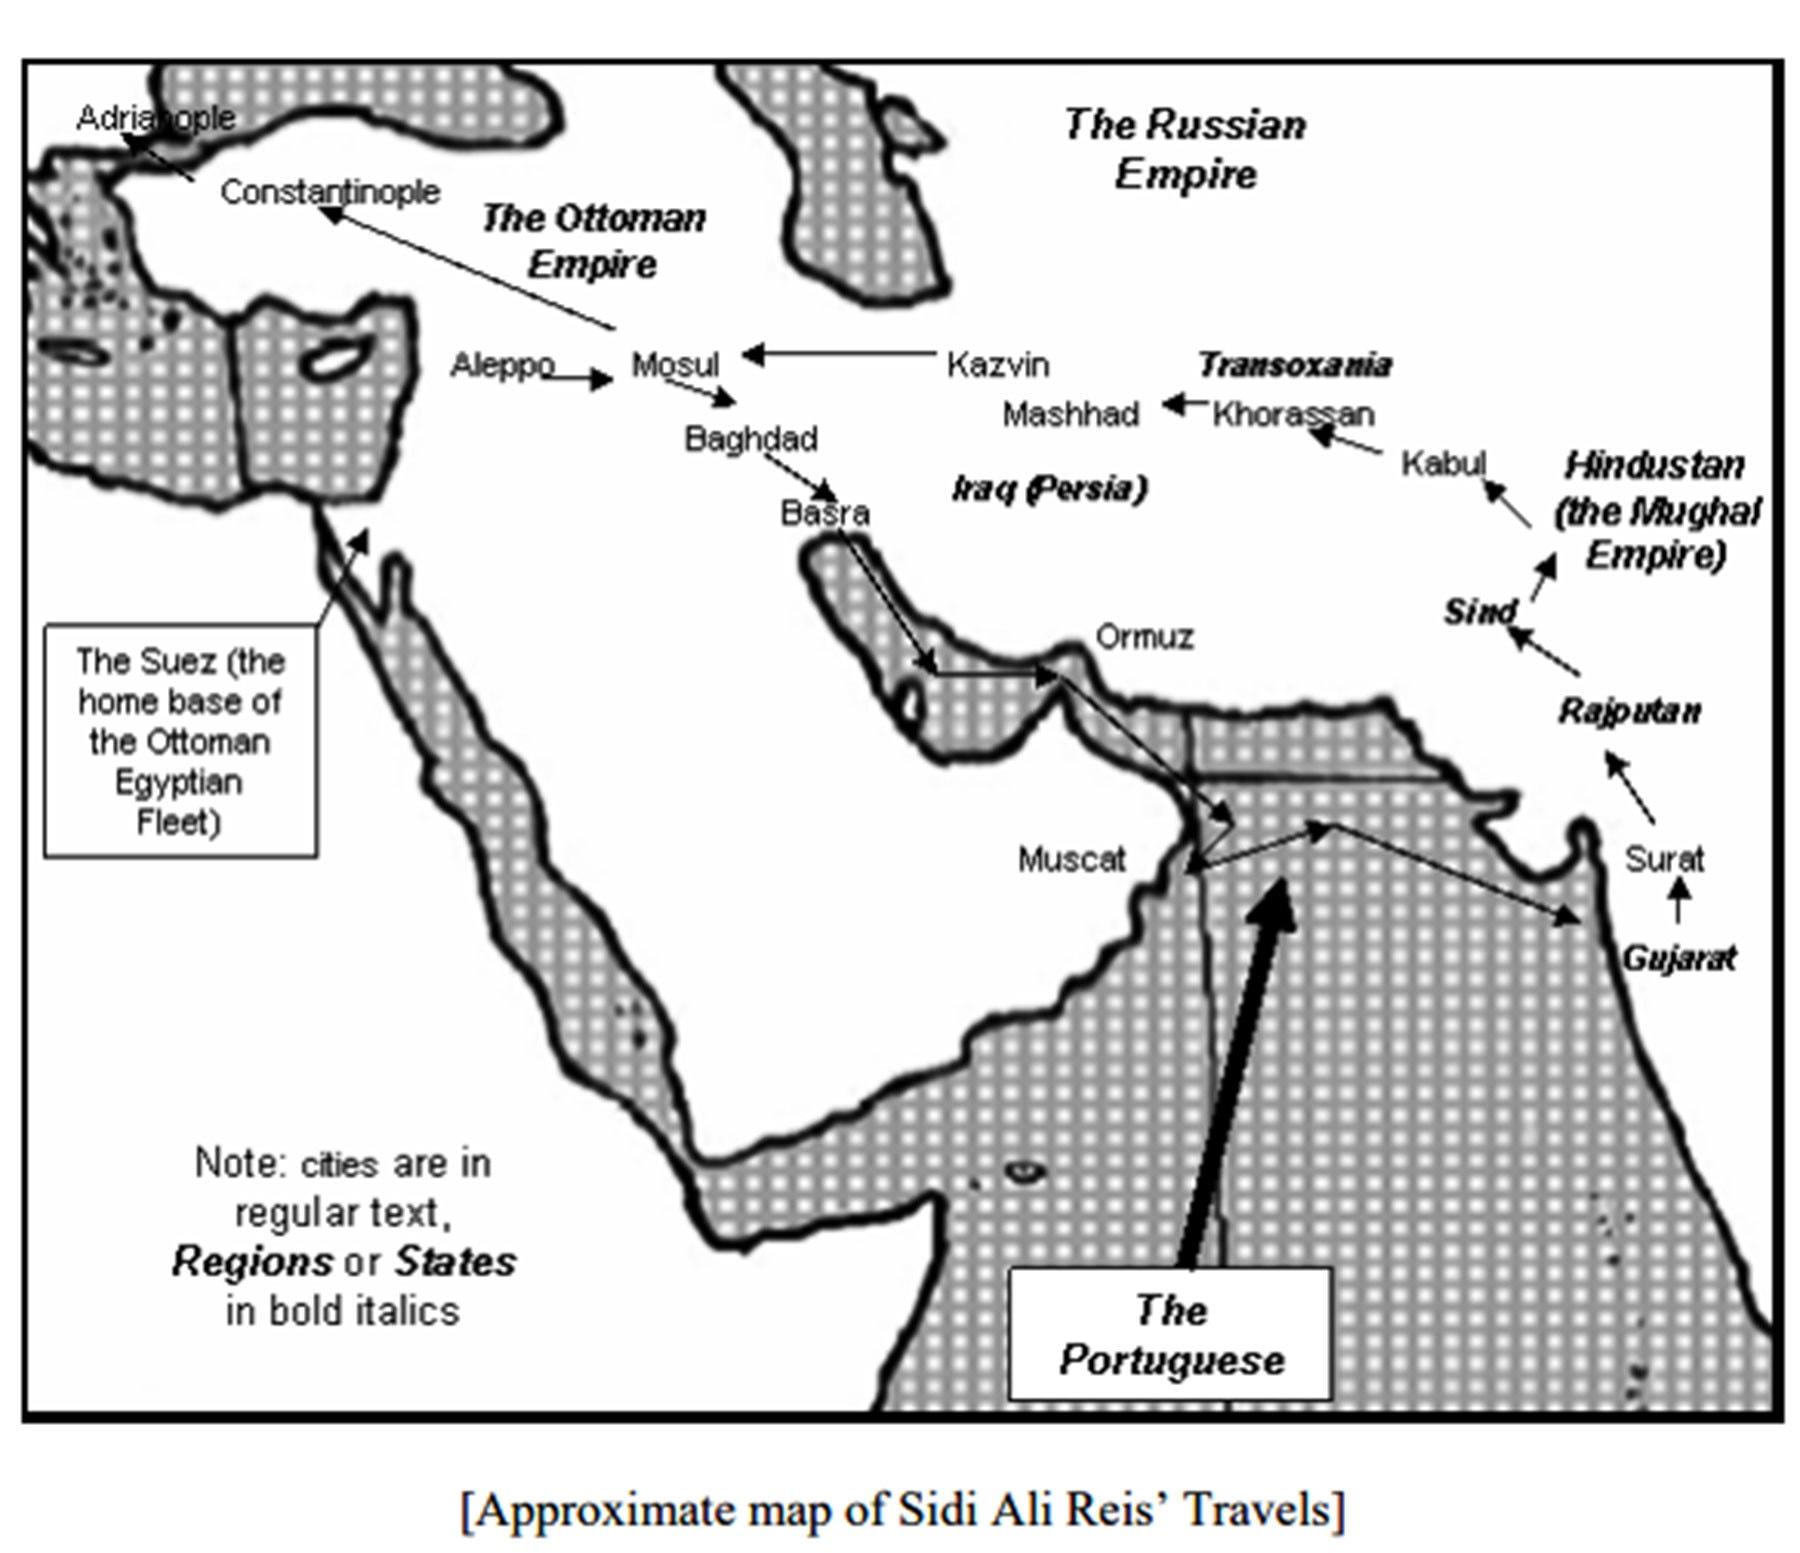 سیدی علی نے نقشے میں موجود تقریباً انہی راستوں پر چلتے ہوئے اپنا سفر کیا تھا